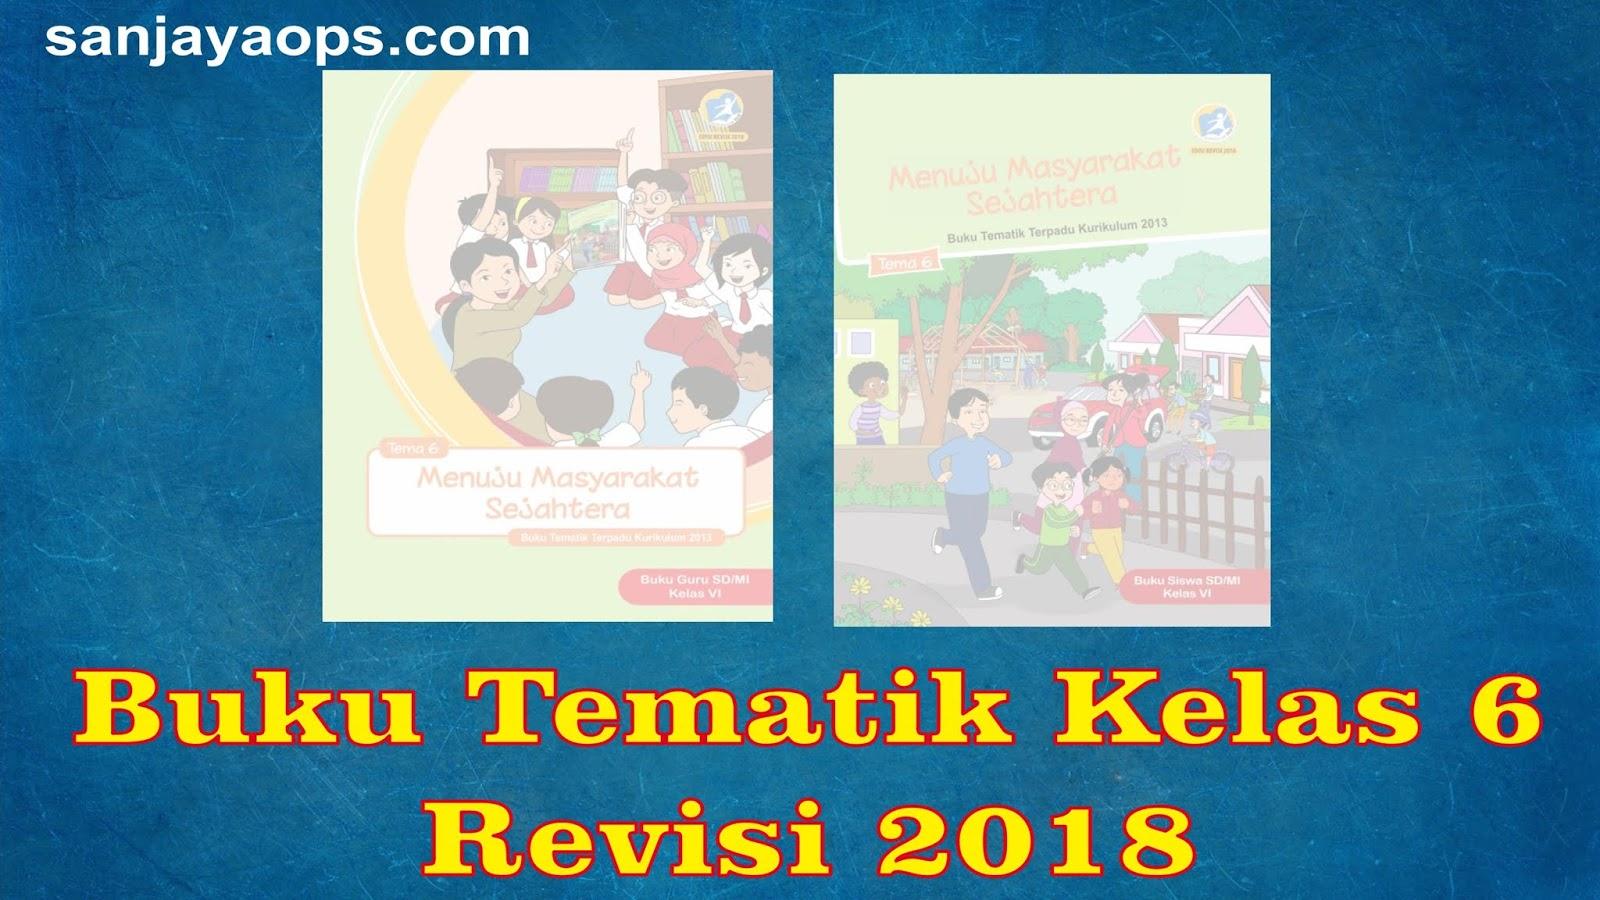 Materi pjok kelas 10 kurikulum 2013 revisi 2017. Buku K13 Kelas 6 Revisi 2018 Semester 2 - Sanjayaops